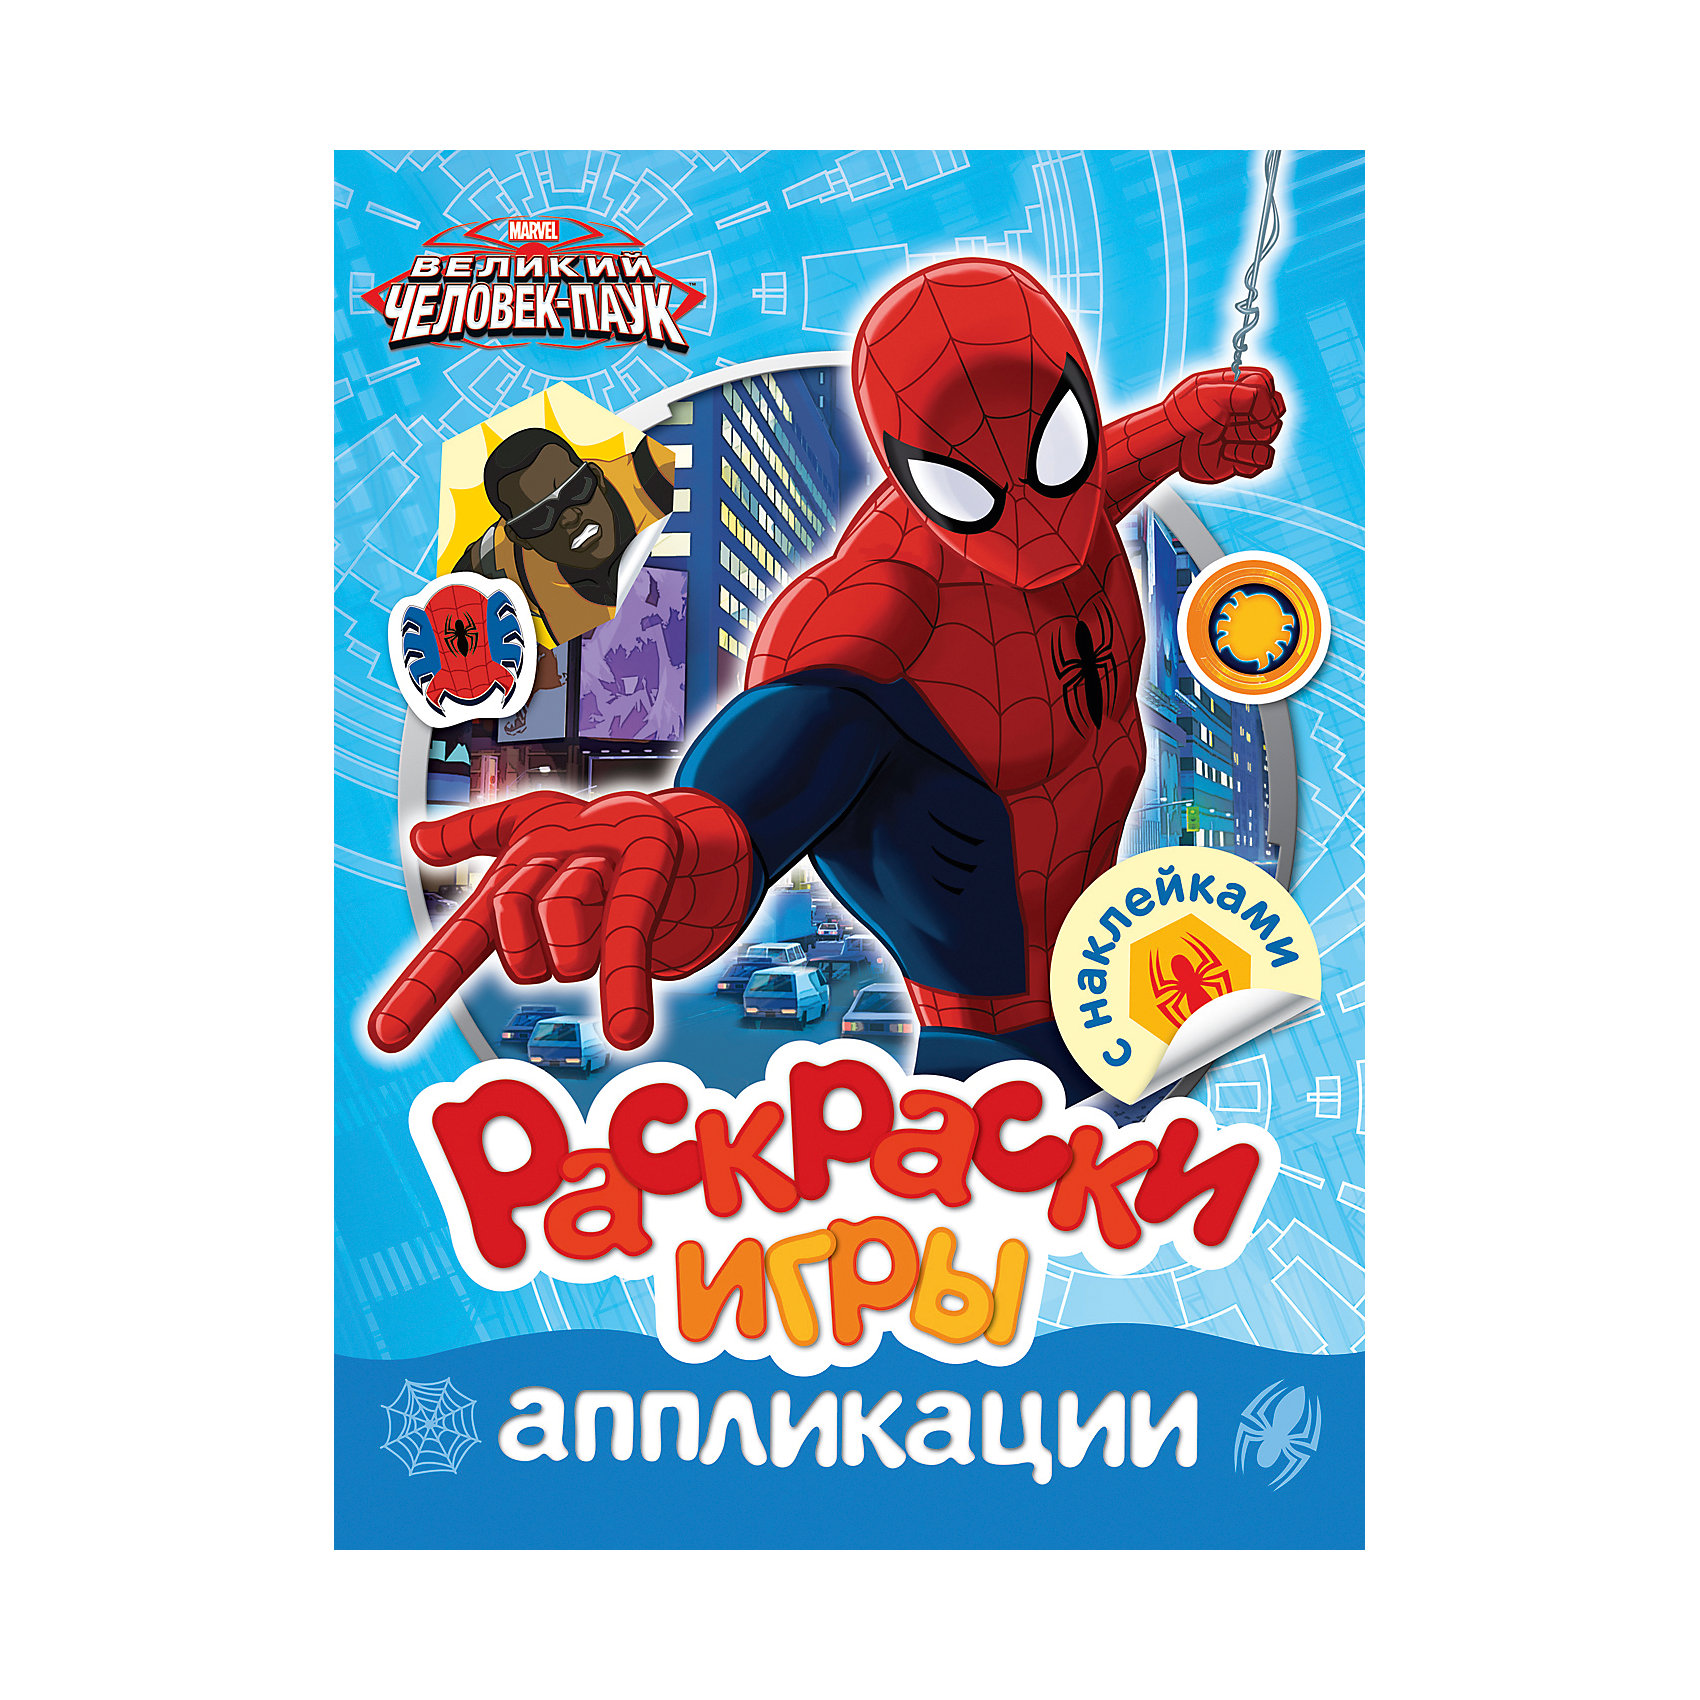 Росмэн Раскраски, игры, аппликации с наклейками, Человек-паук росмэн альбом 100 наклеек человек паук росмэн